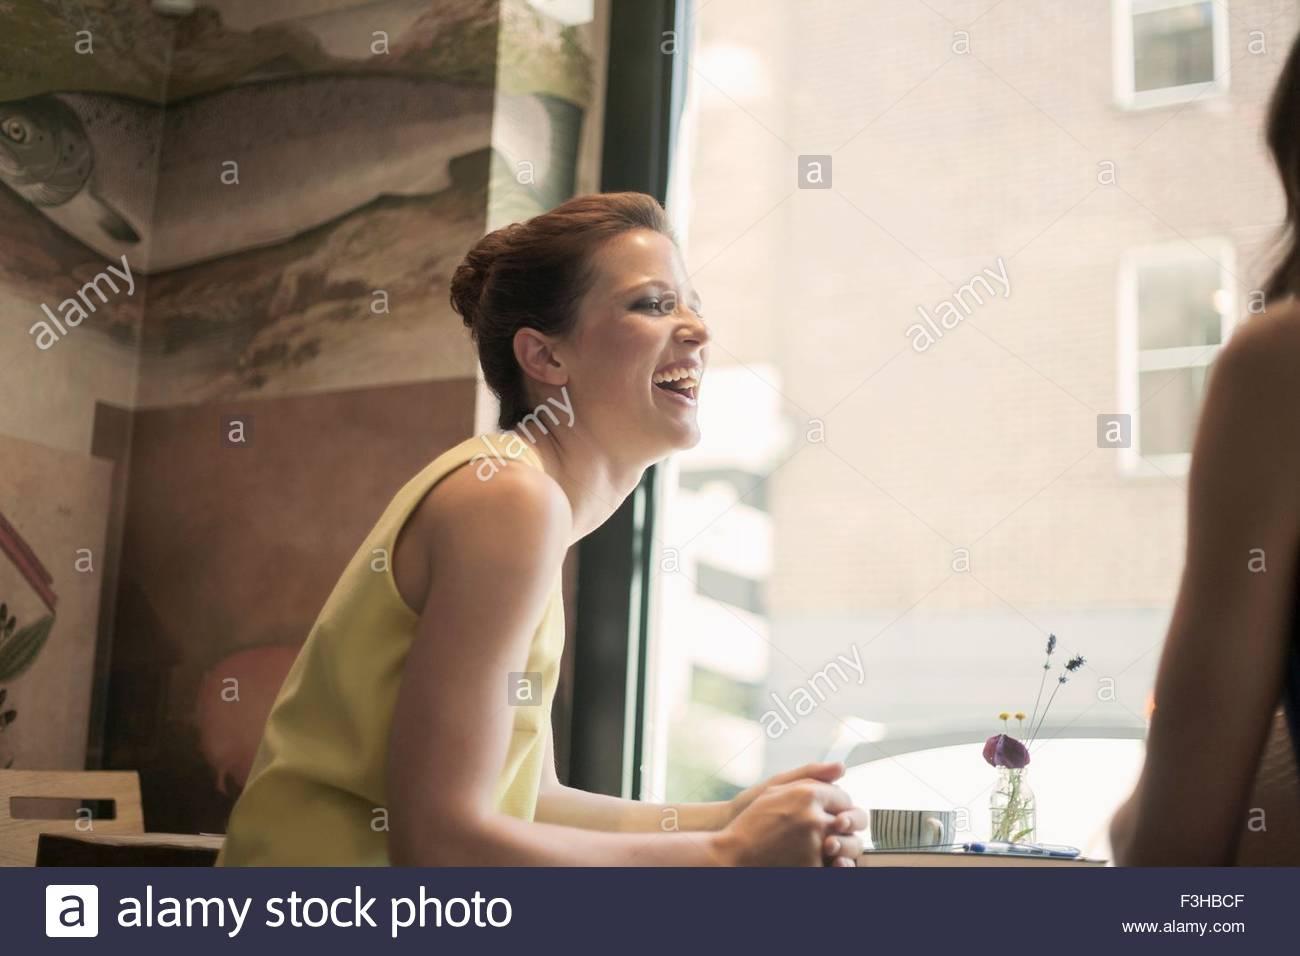 Zwei junge Brünette-Frauen sitzen in einem Café, reden und lachen Stockbild